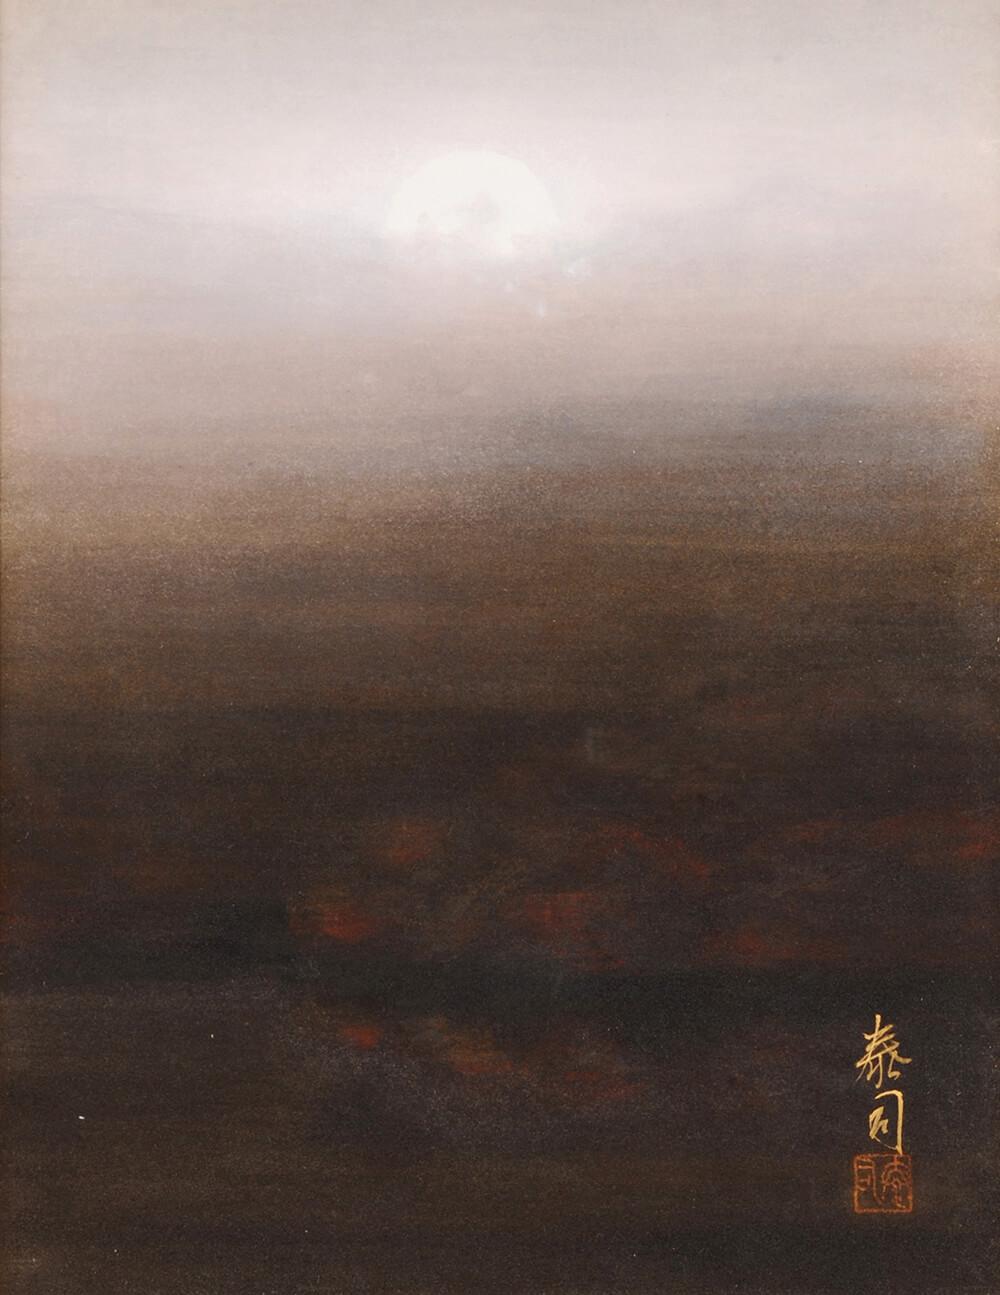 2013年1月11日から開催の「癸巳 橘 泰司 日本画 展」の橘 泰司の作品07